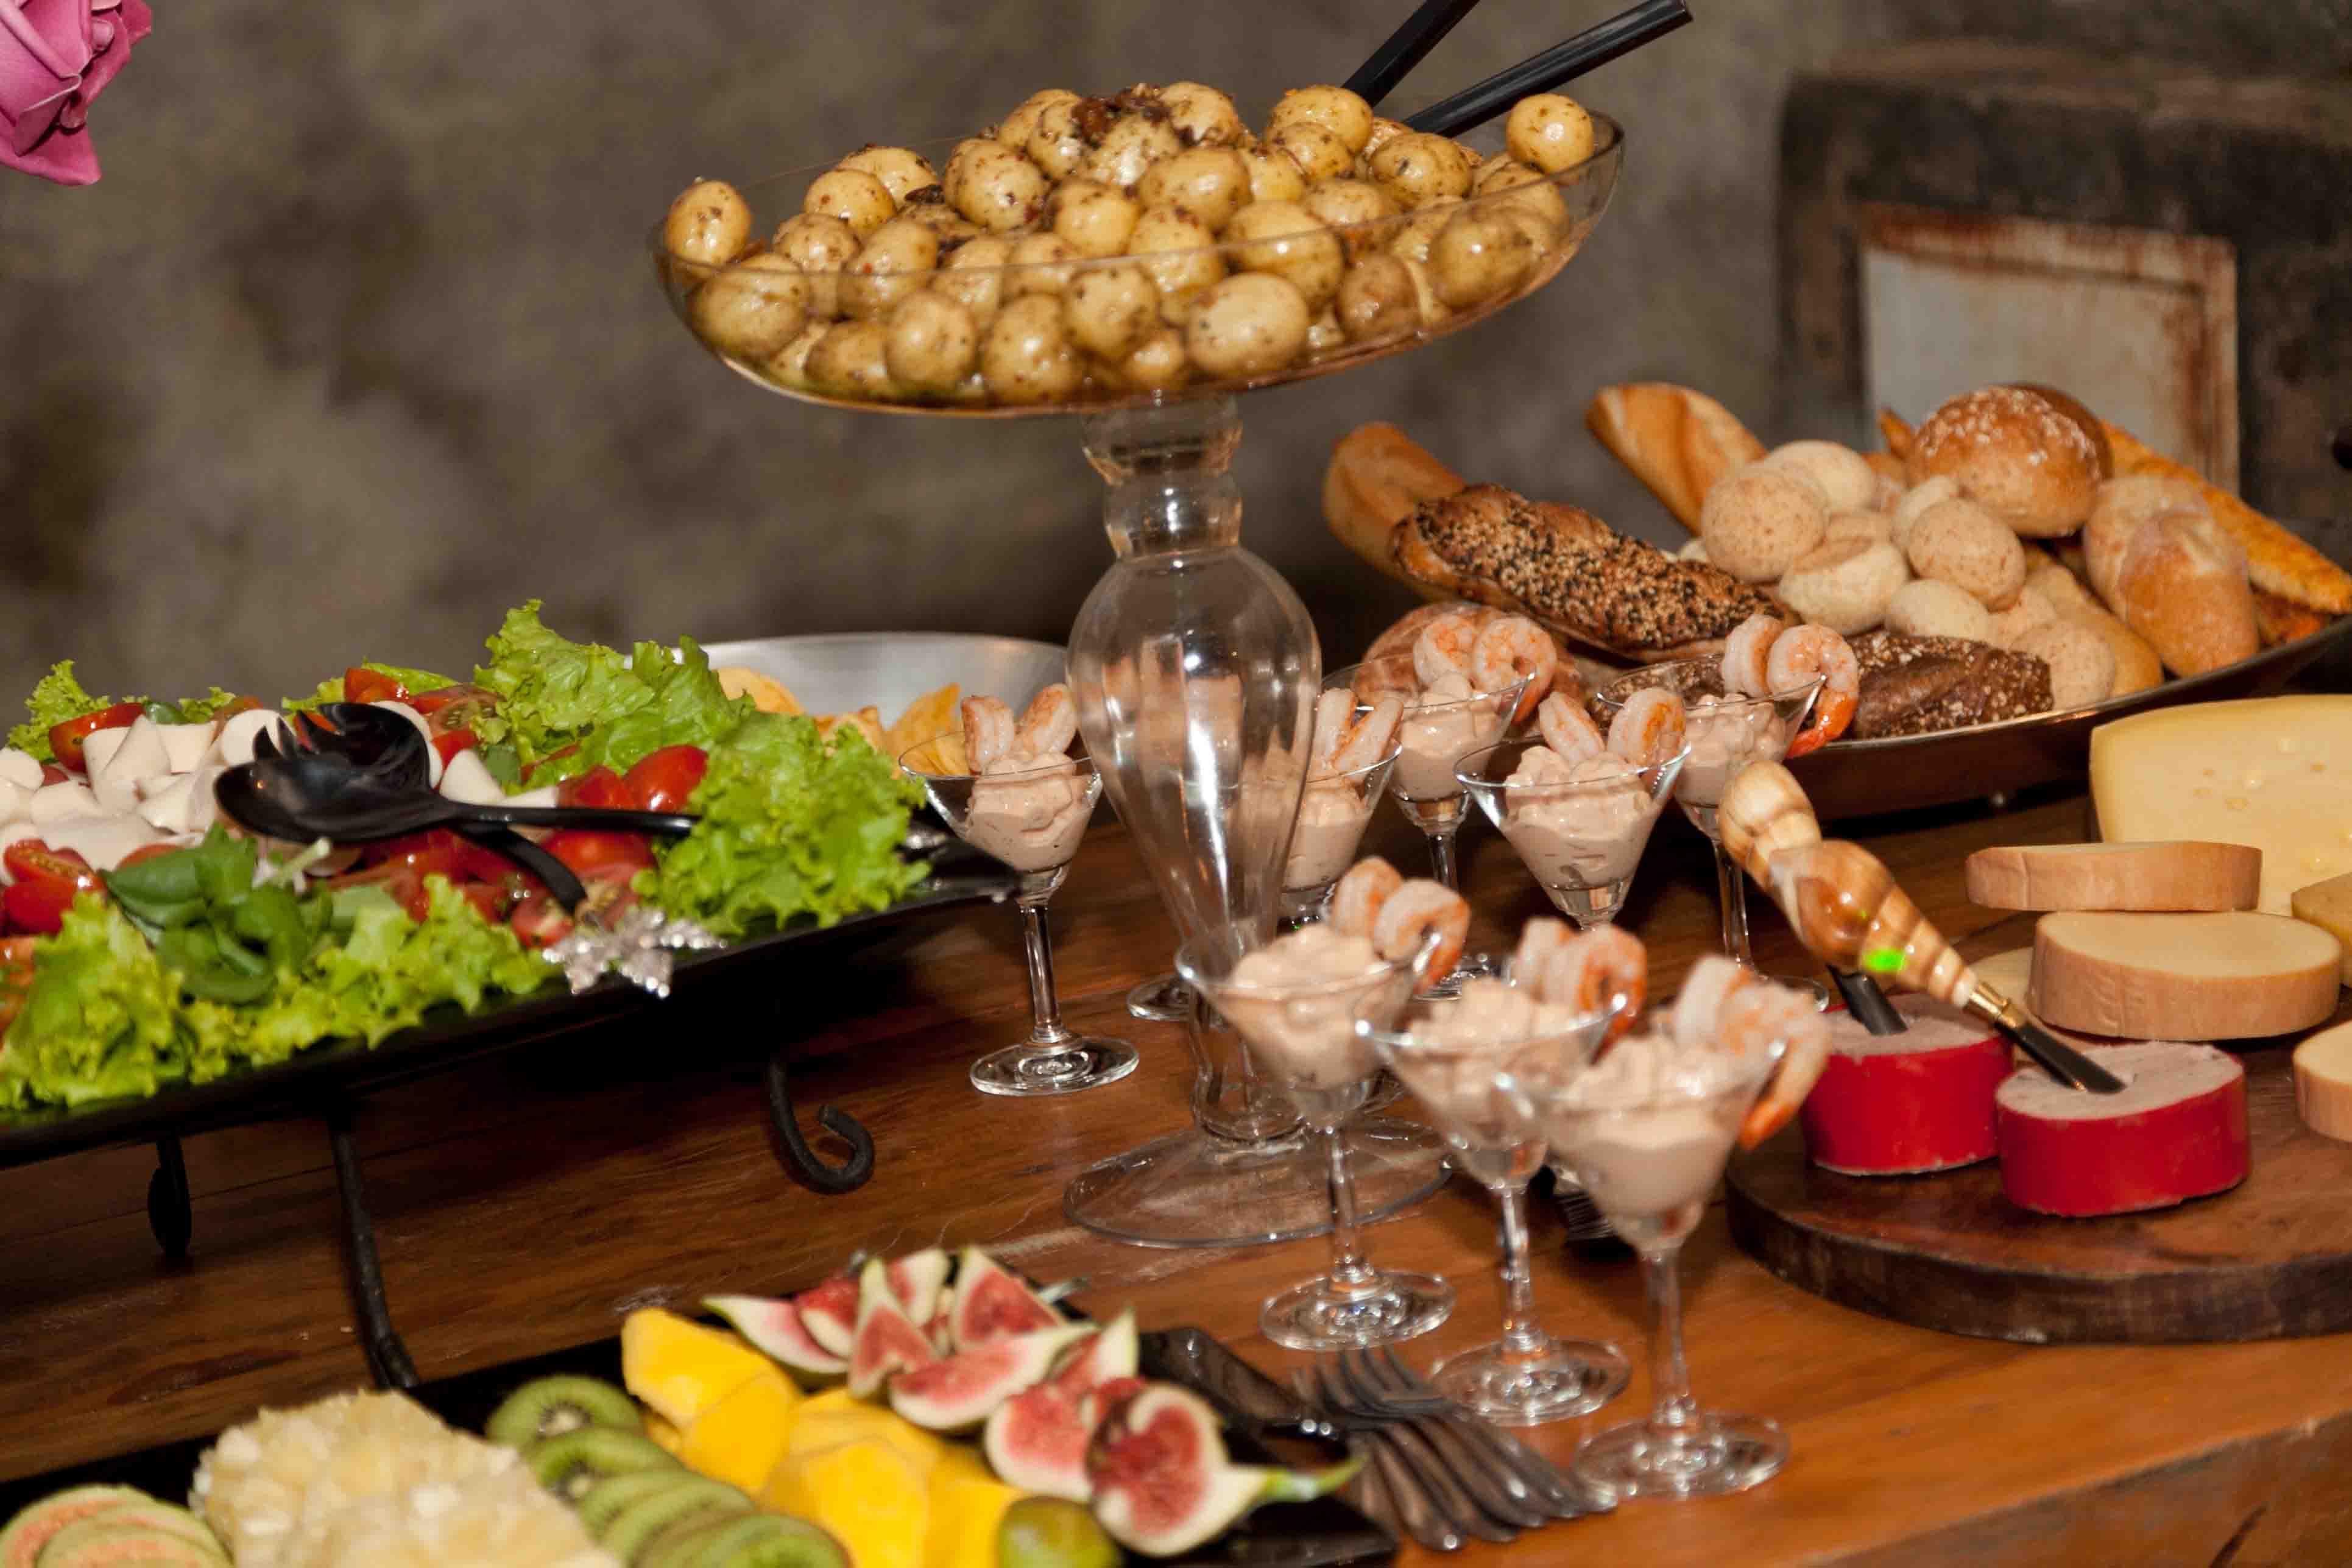 casa-da-cris-brunch-saladas-batatas